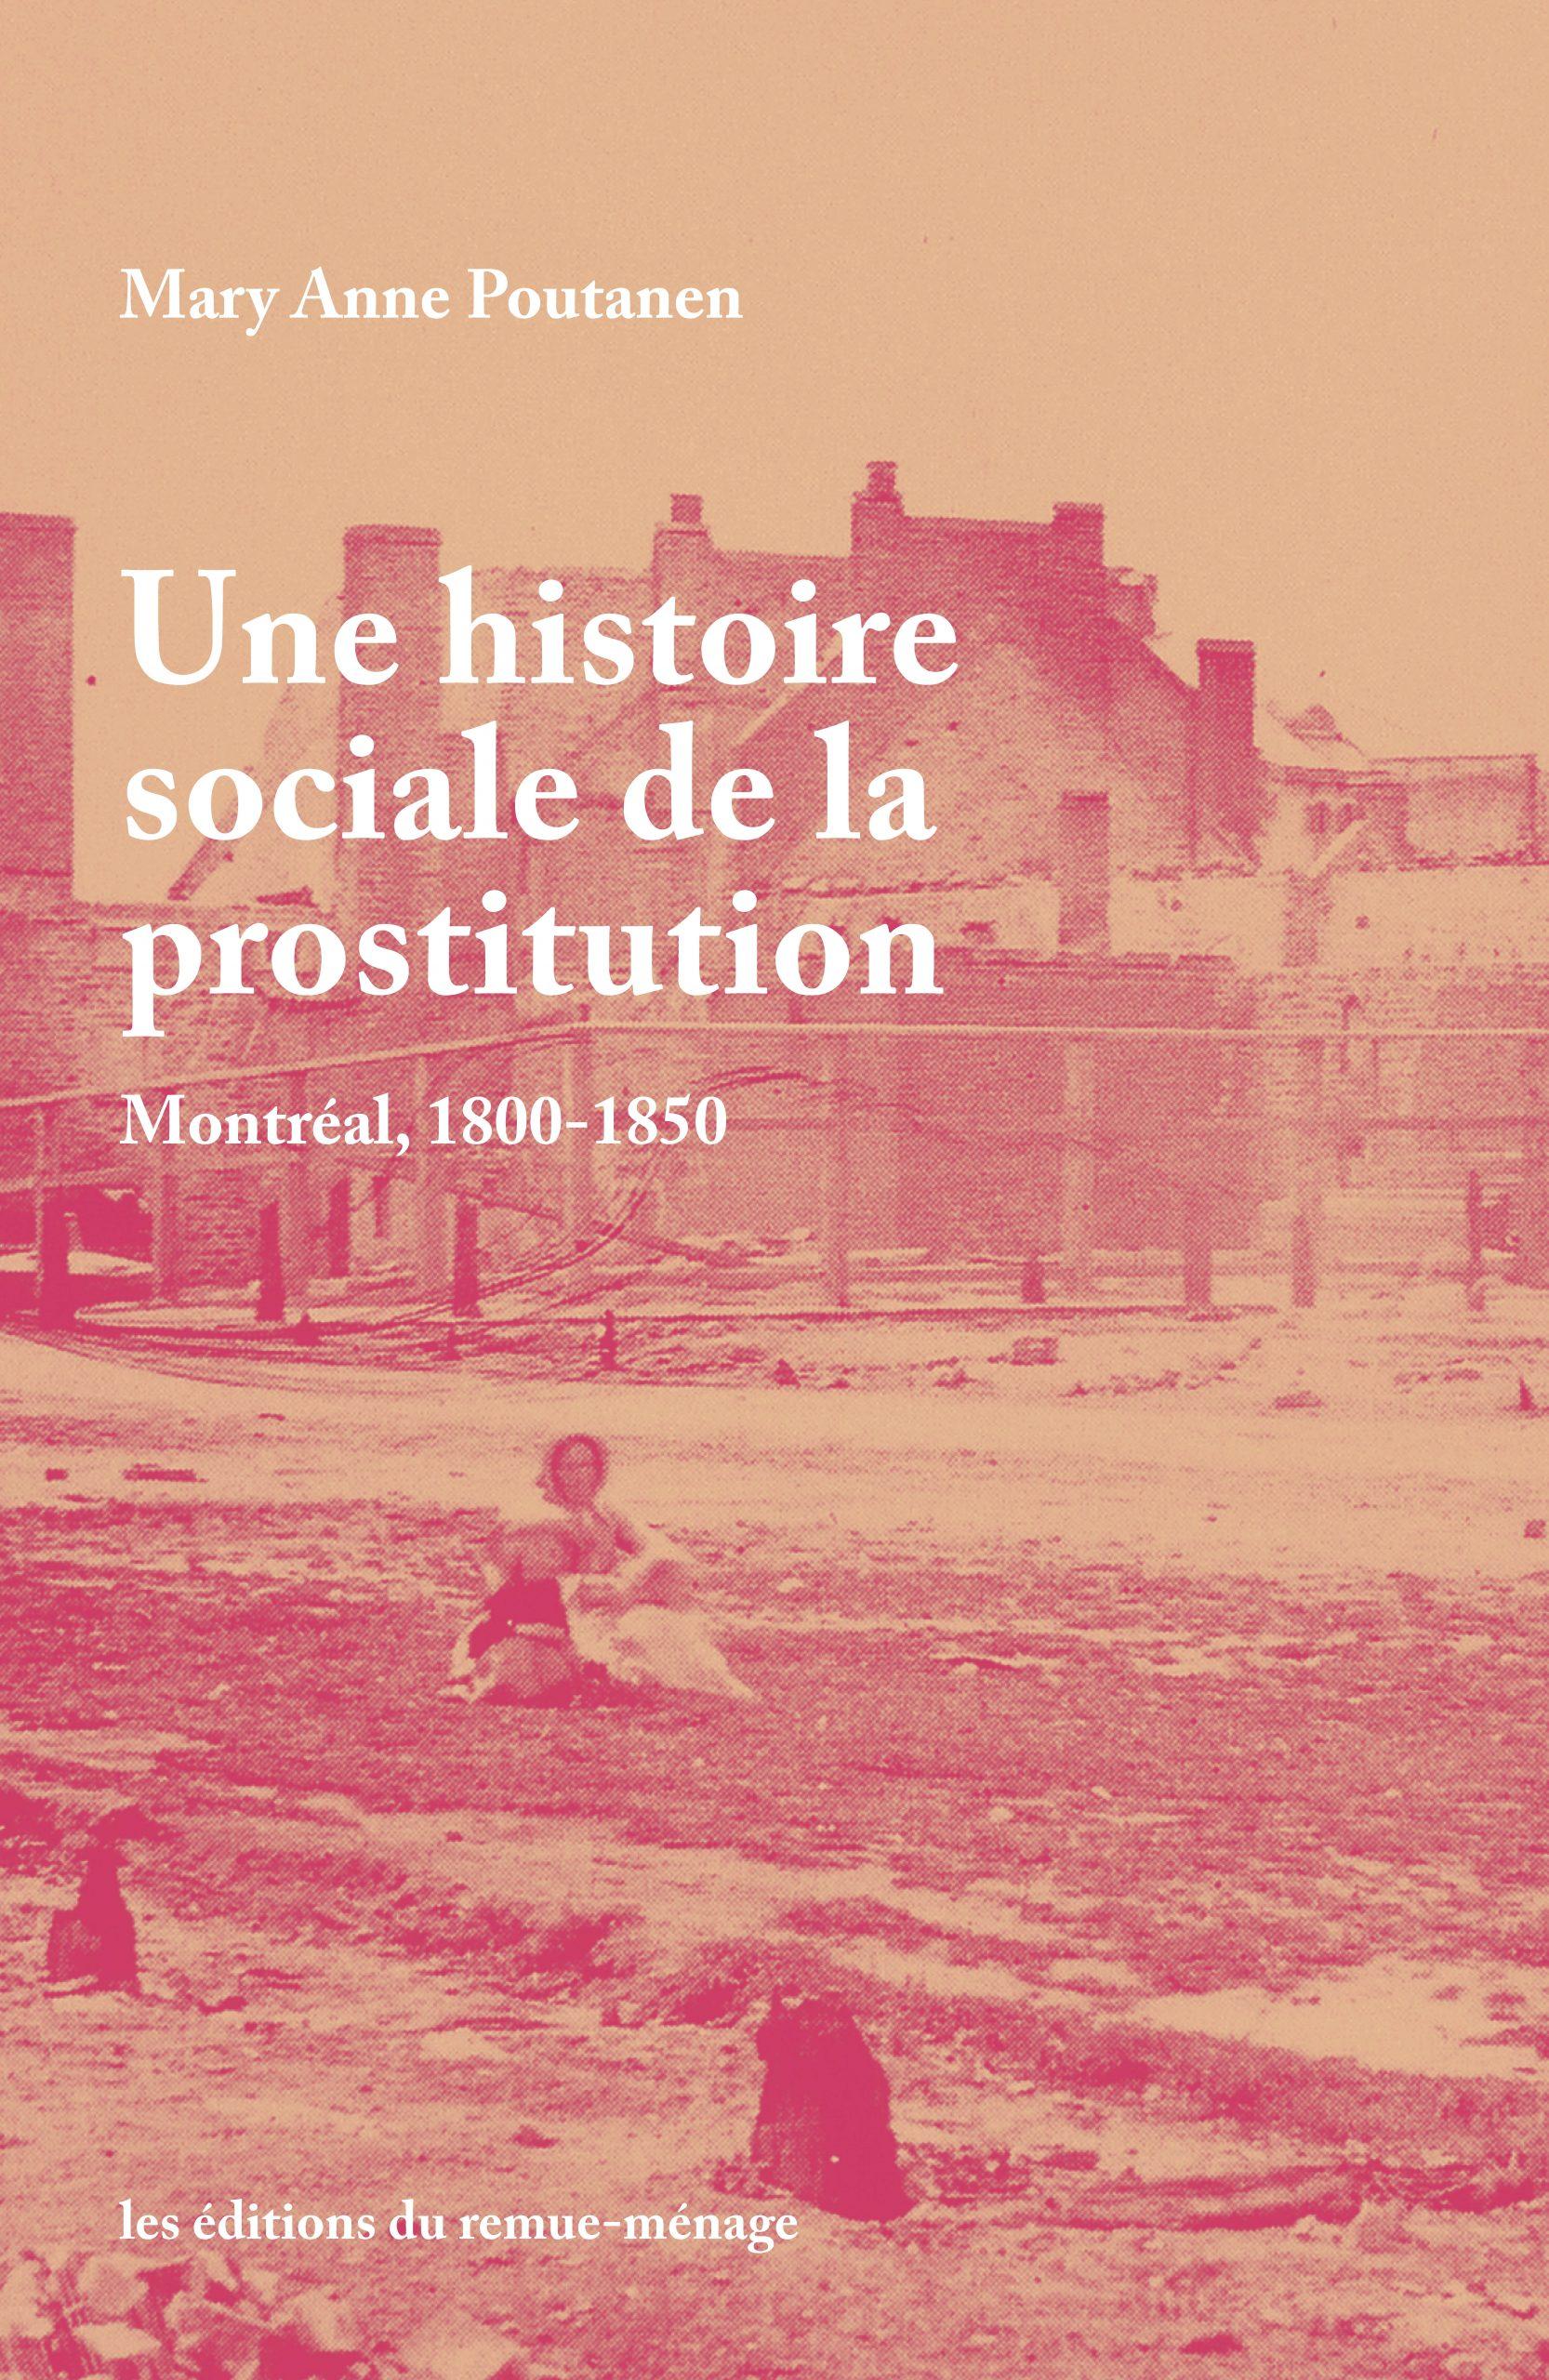 M. A. Poutanen, Une histoire sociale de la prostitution. Montréal, 1800-1850